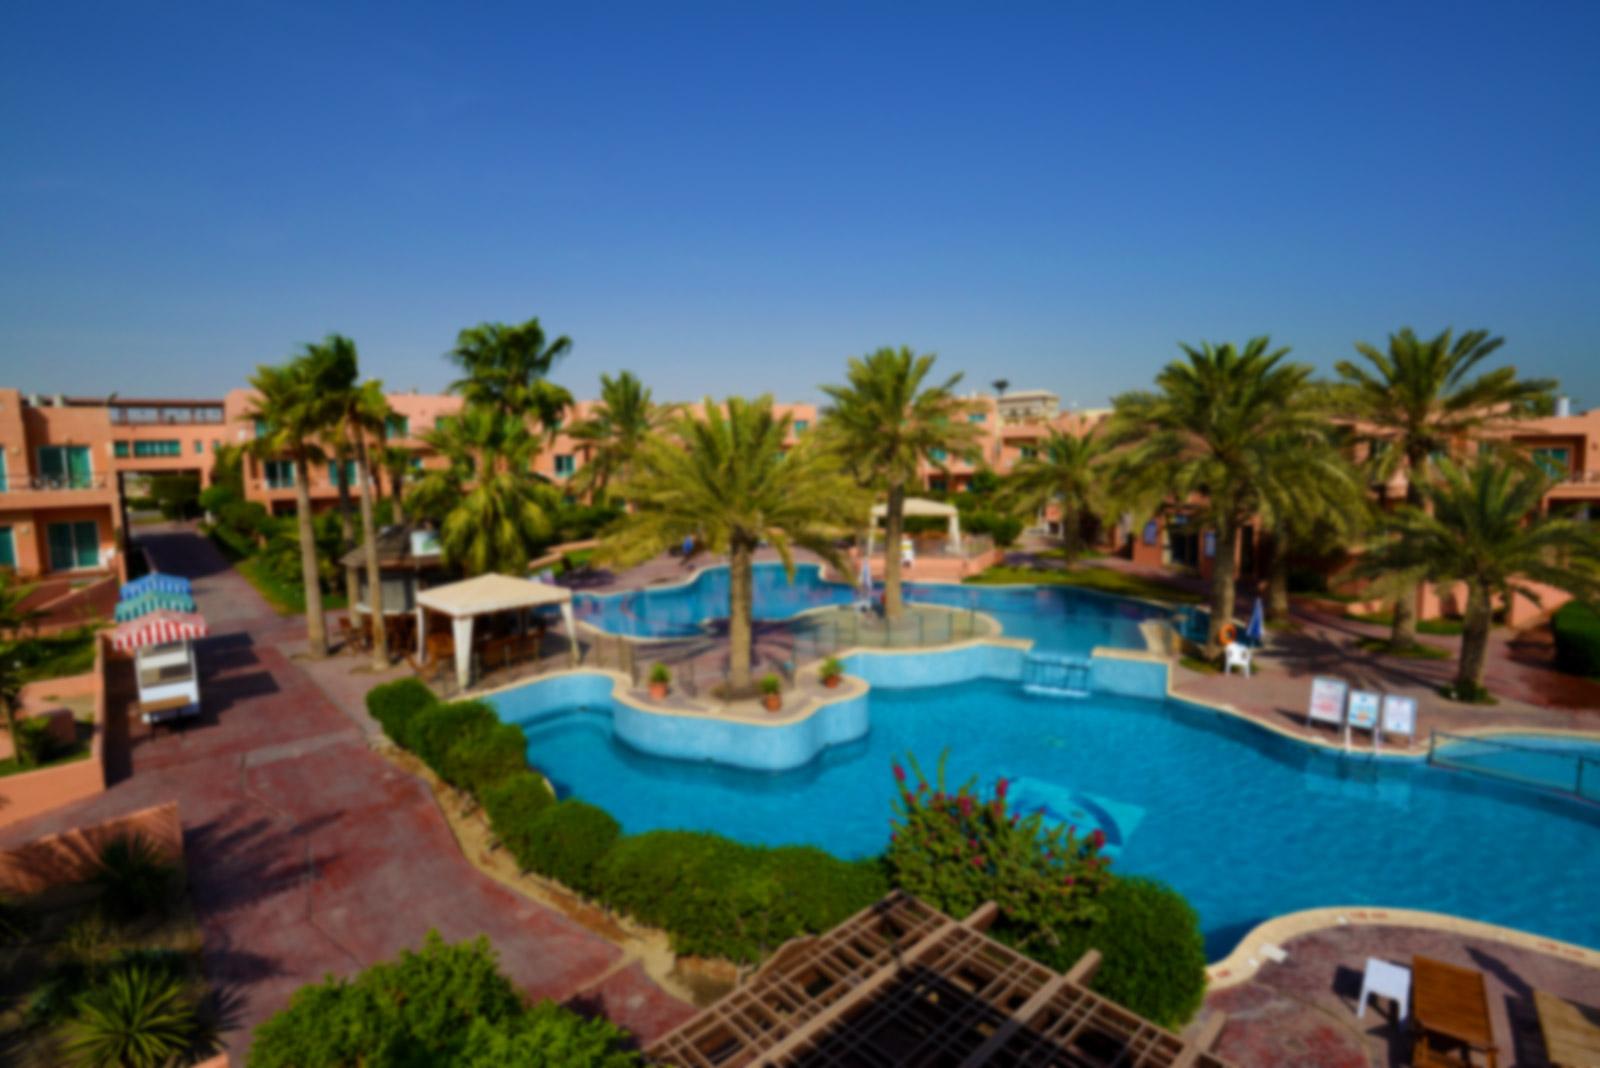 Promo 90% Off Seashell Julai A Hotel Resort Kuwait | 7 ...